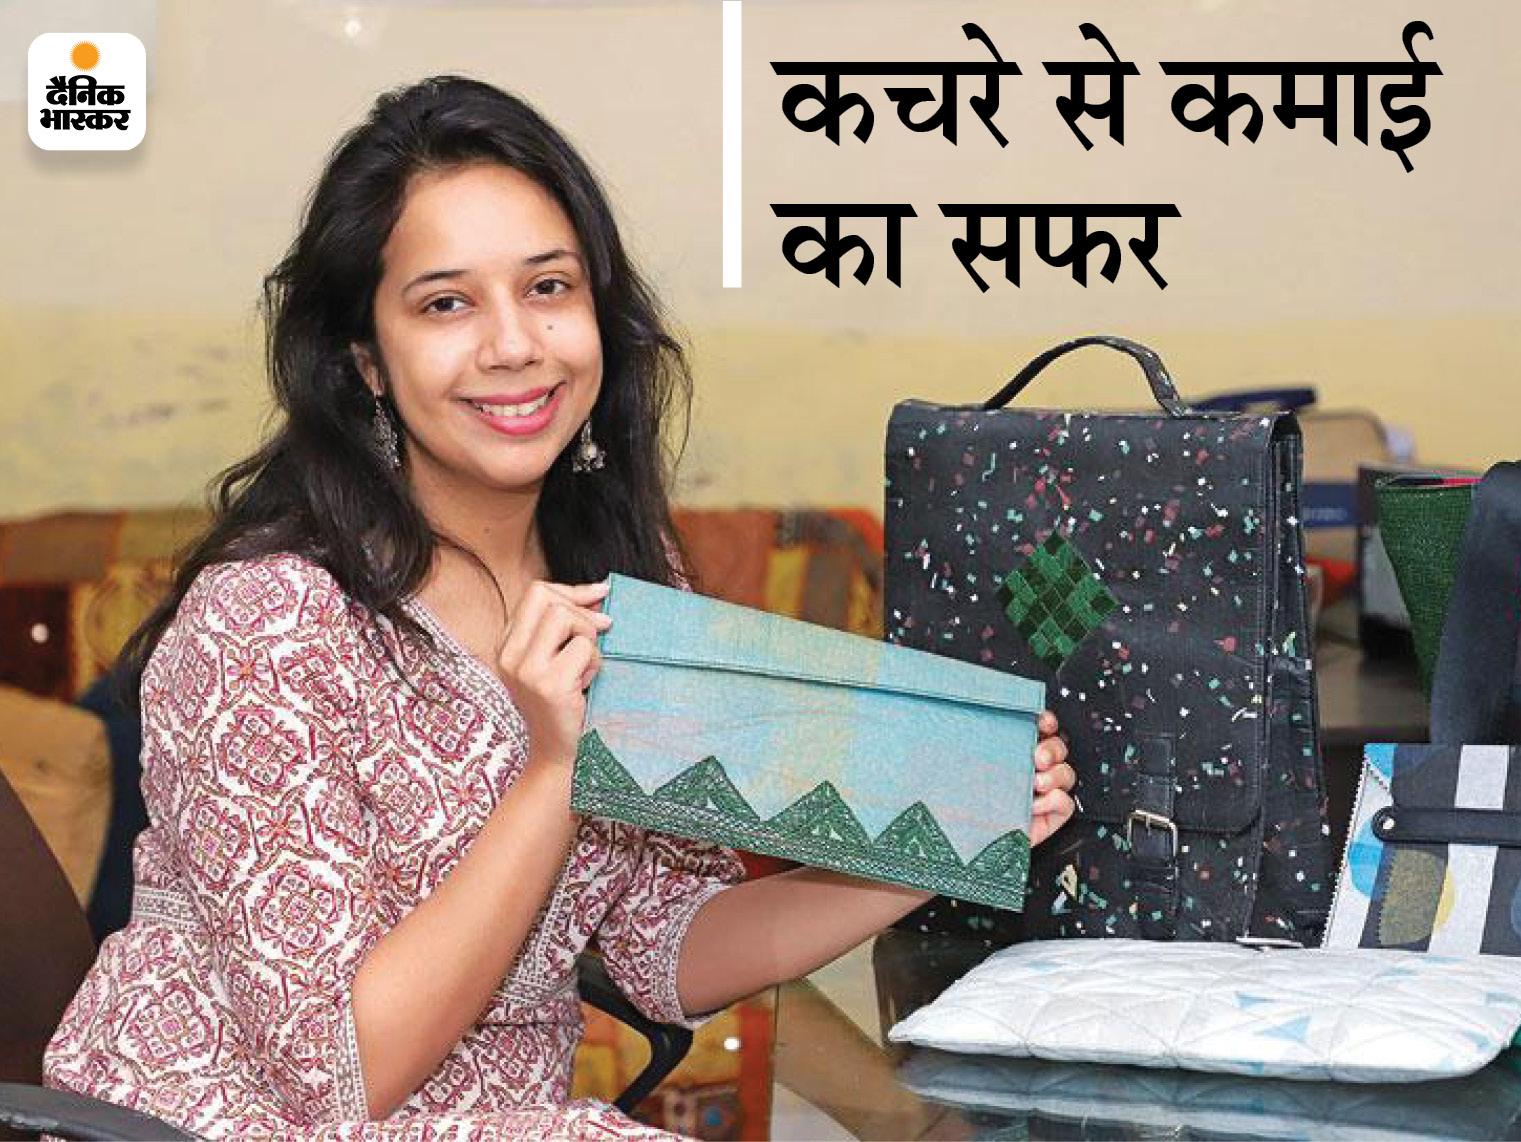 दिल्ली की कनिका कूड़े-कचरे के ढेर से सालाना 50 लाख रुपए का बिजनेस कर रही हैं, 200 से ज्यादा गरीबों को रोजगार से भी जोड़ा|DB ओरिजिनल,DB Original - Dainik Bhaskar